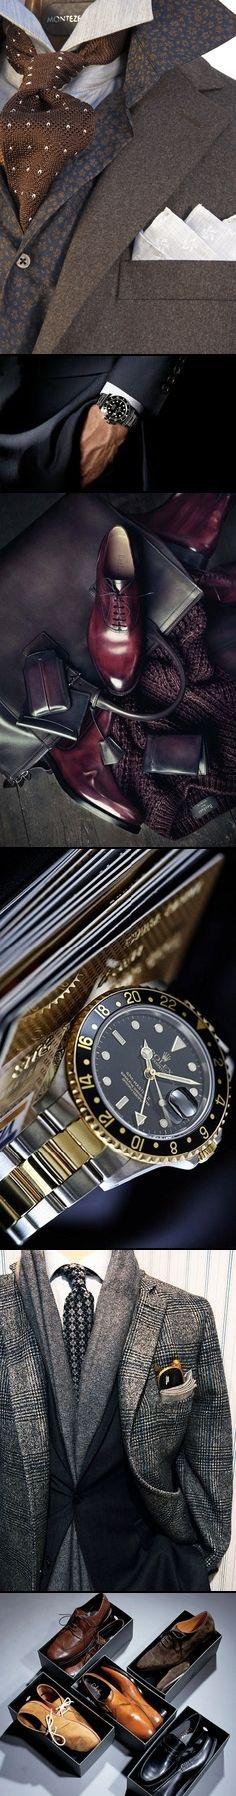 Men's Style - it's all in the detail. http://www.annabelchaffer.com/categories/Gentlemen/